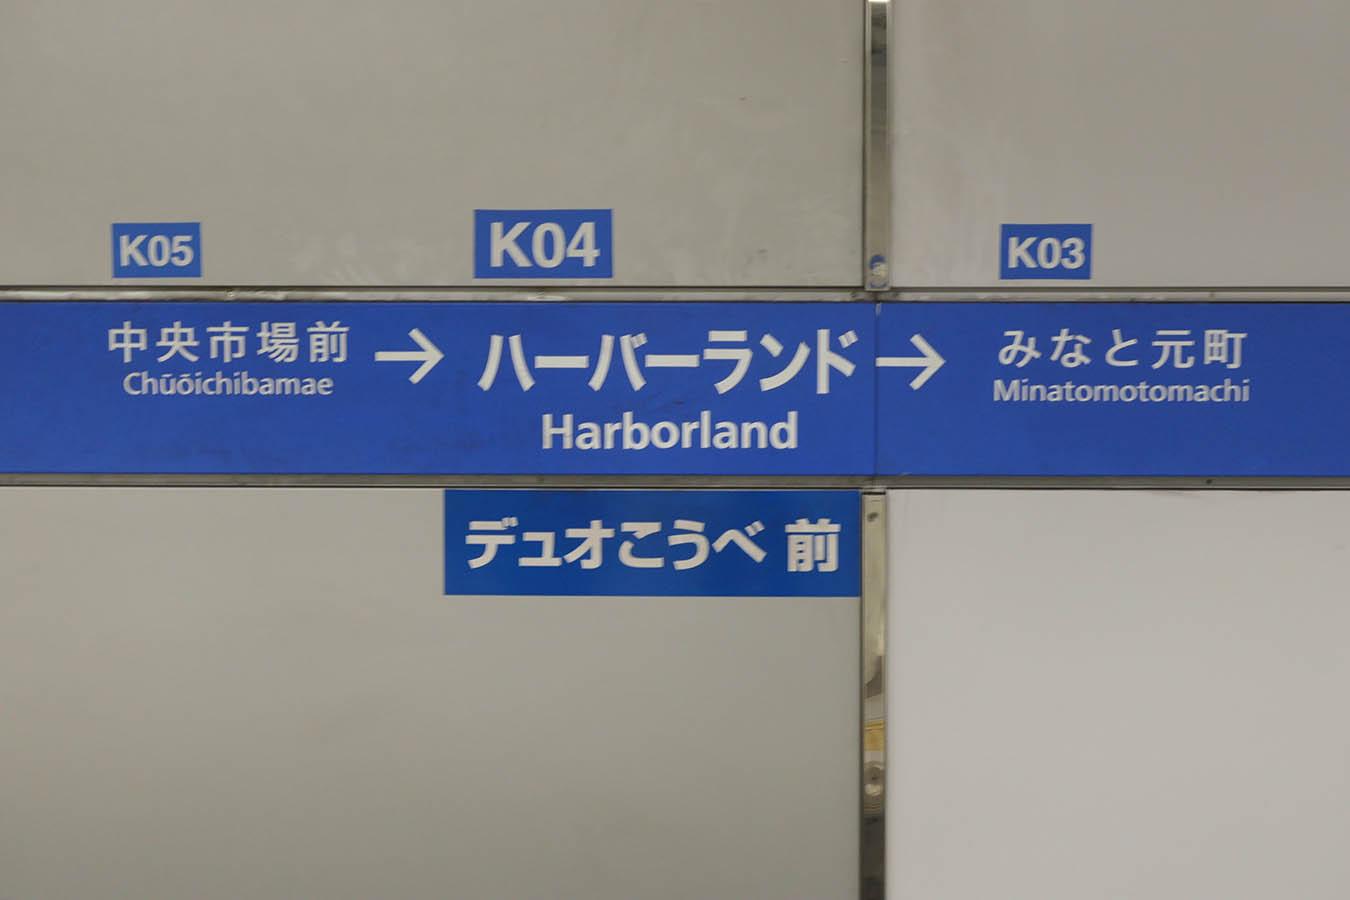 K04_photo05.jpg